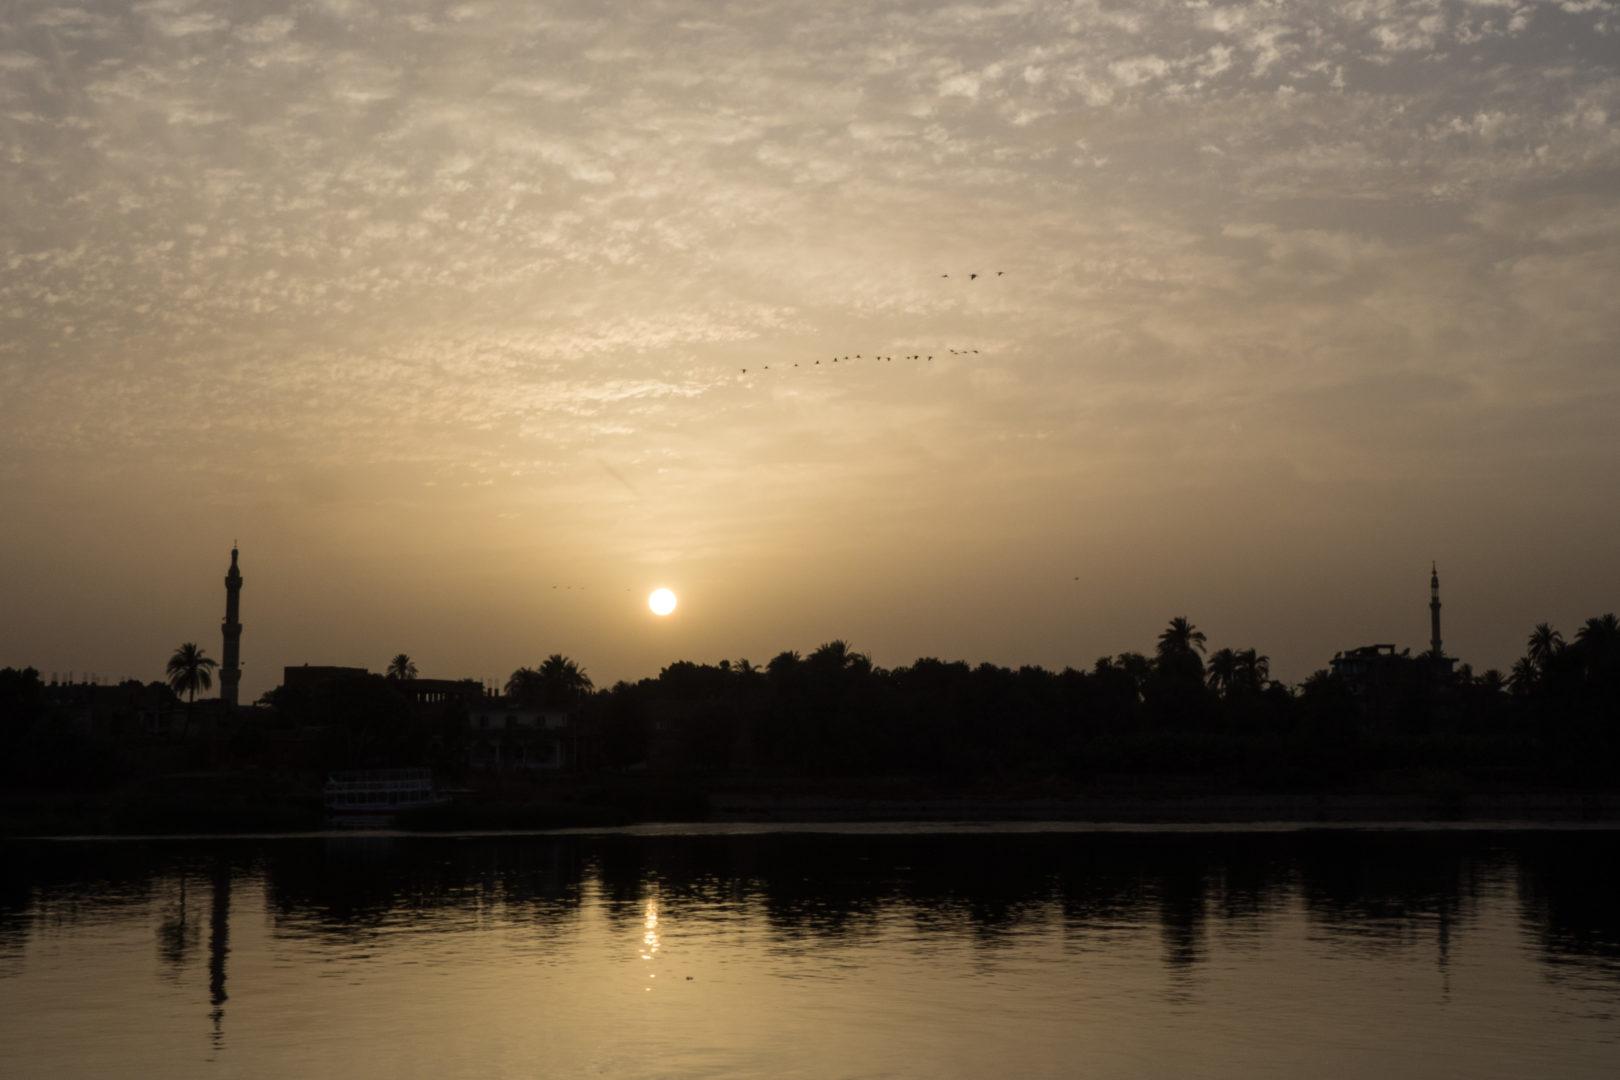 Vol d'oiseaux entre deux minarets au coucher du soleil (Rives du Nil – Egypte – Avril 2019)